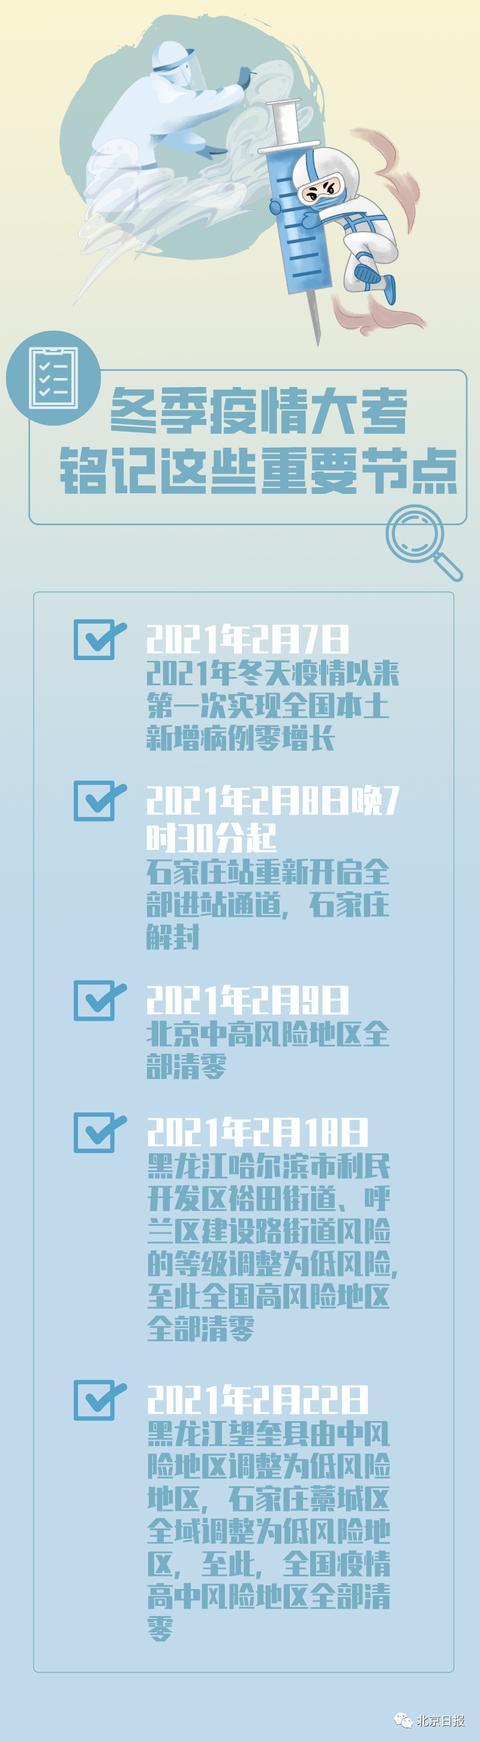 张文宏:疫情已过至暗时刻!这些重要节点需铭记—— 全球新闻风头榜 第2张